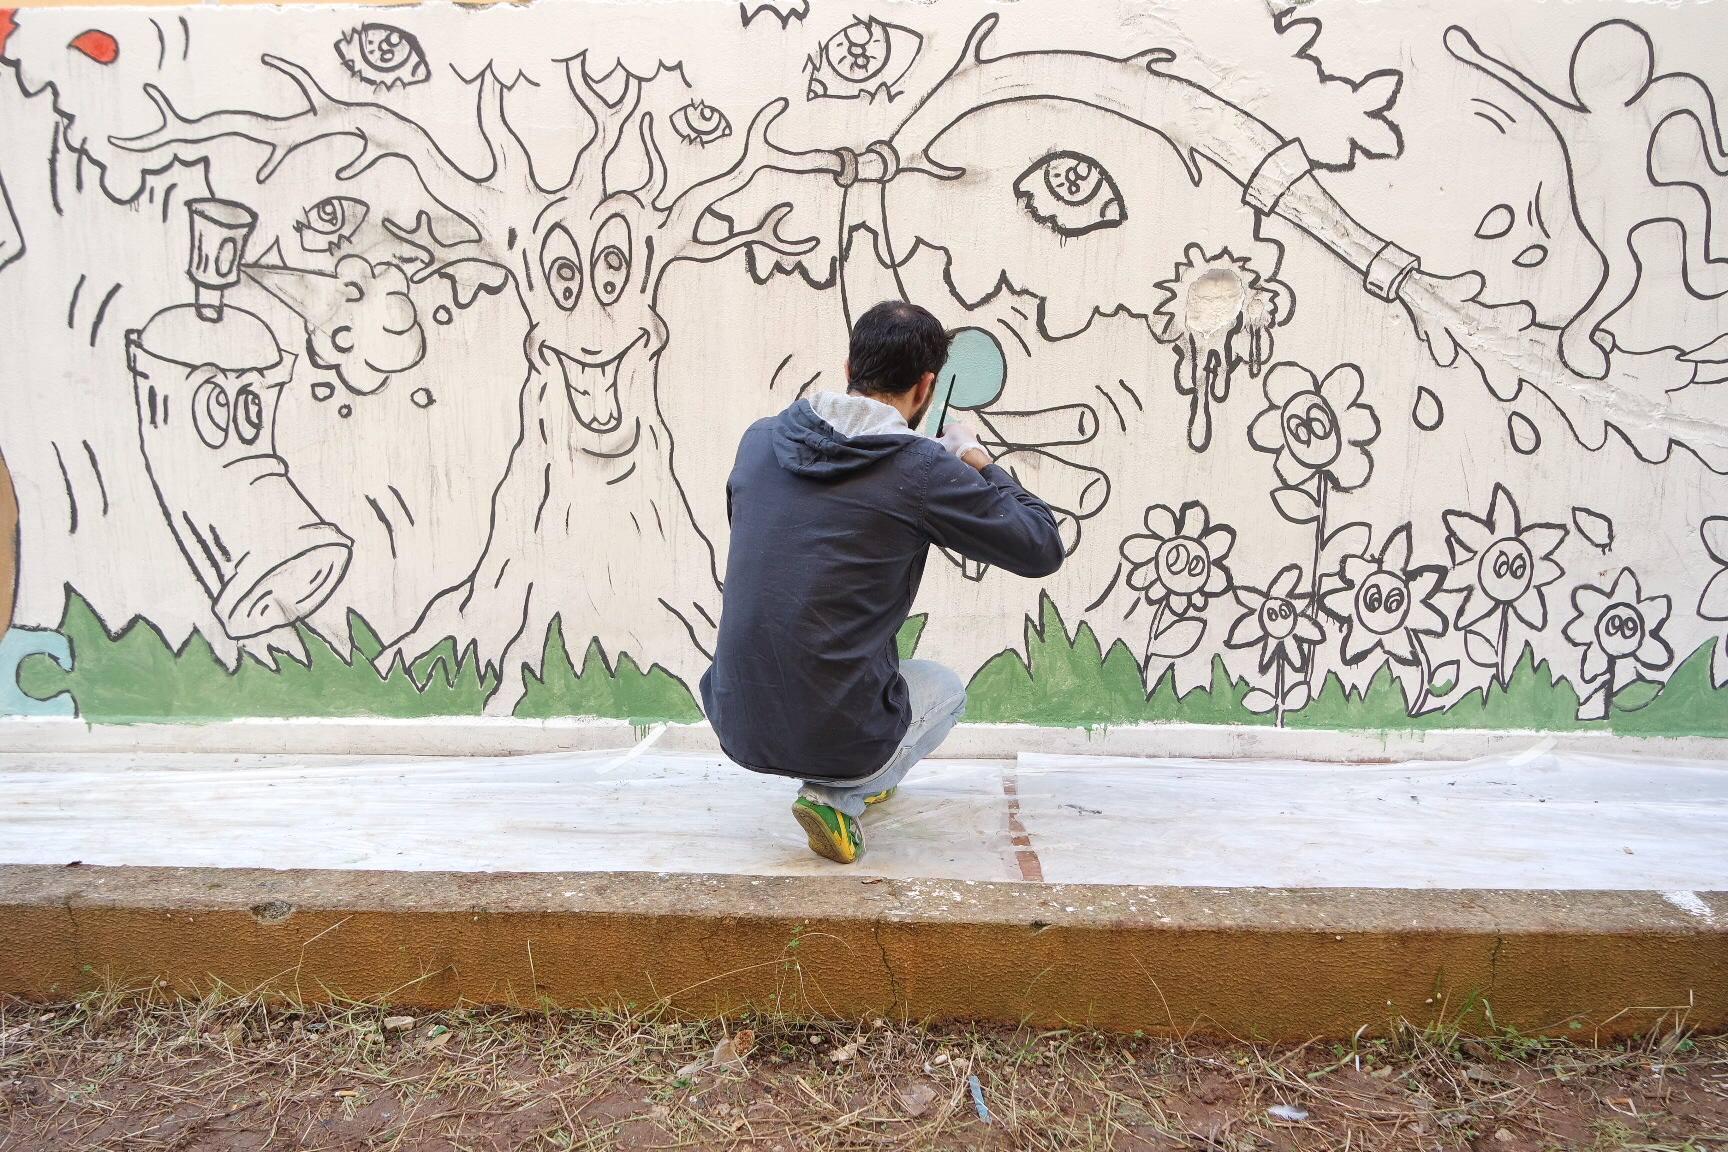 Disegni Murales Per Bambini.Murales Allo Zen Grazie Ai Disegni Dei Bambini Zoom Sulla